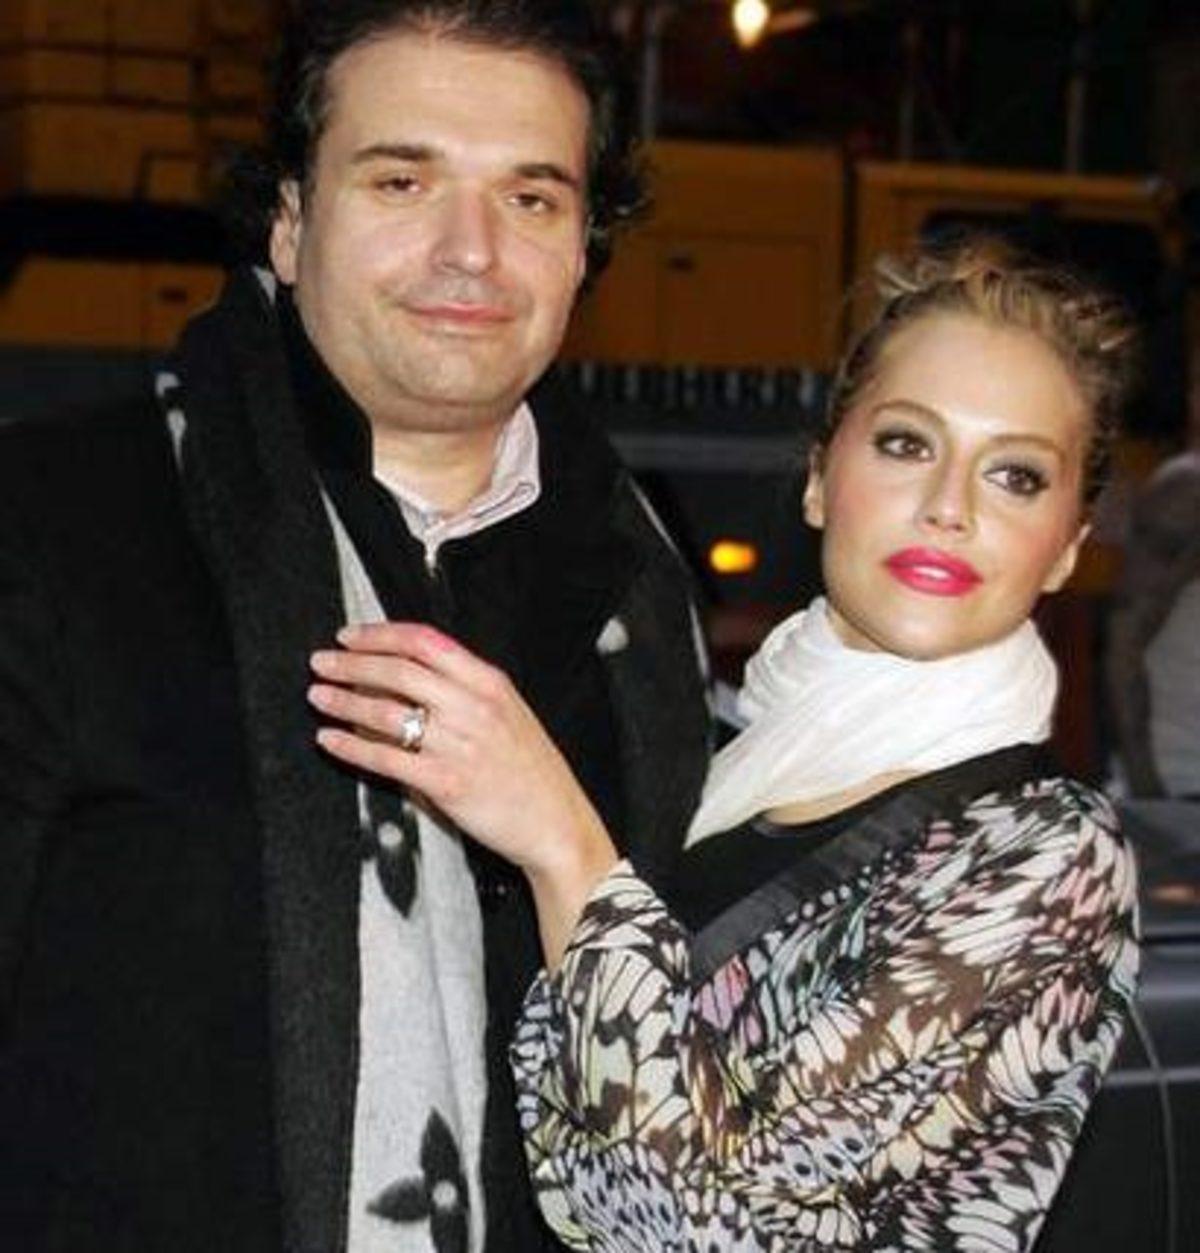 Οι εξελίξεις στο θάνατο της Brittany Murphy!   Newsit.gr